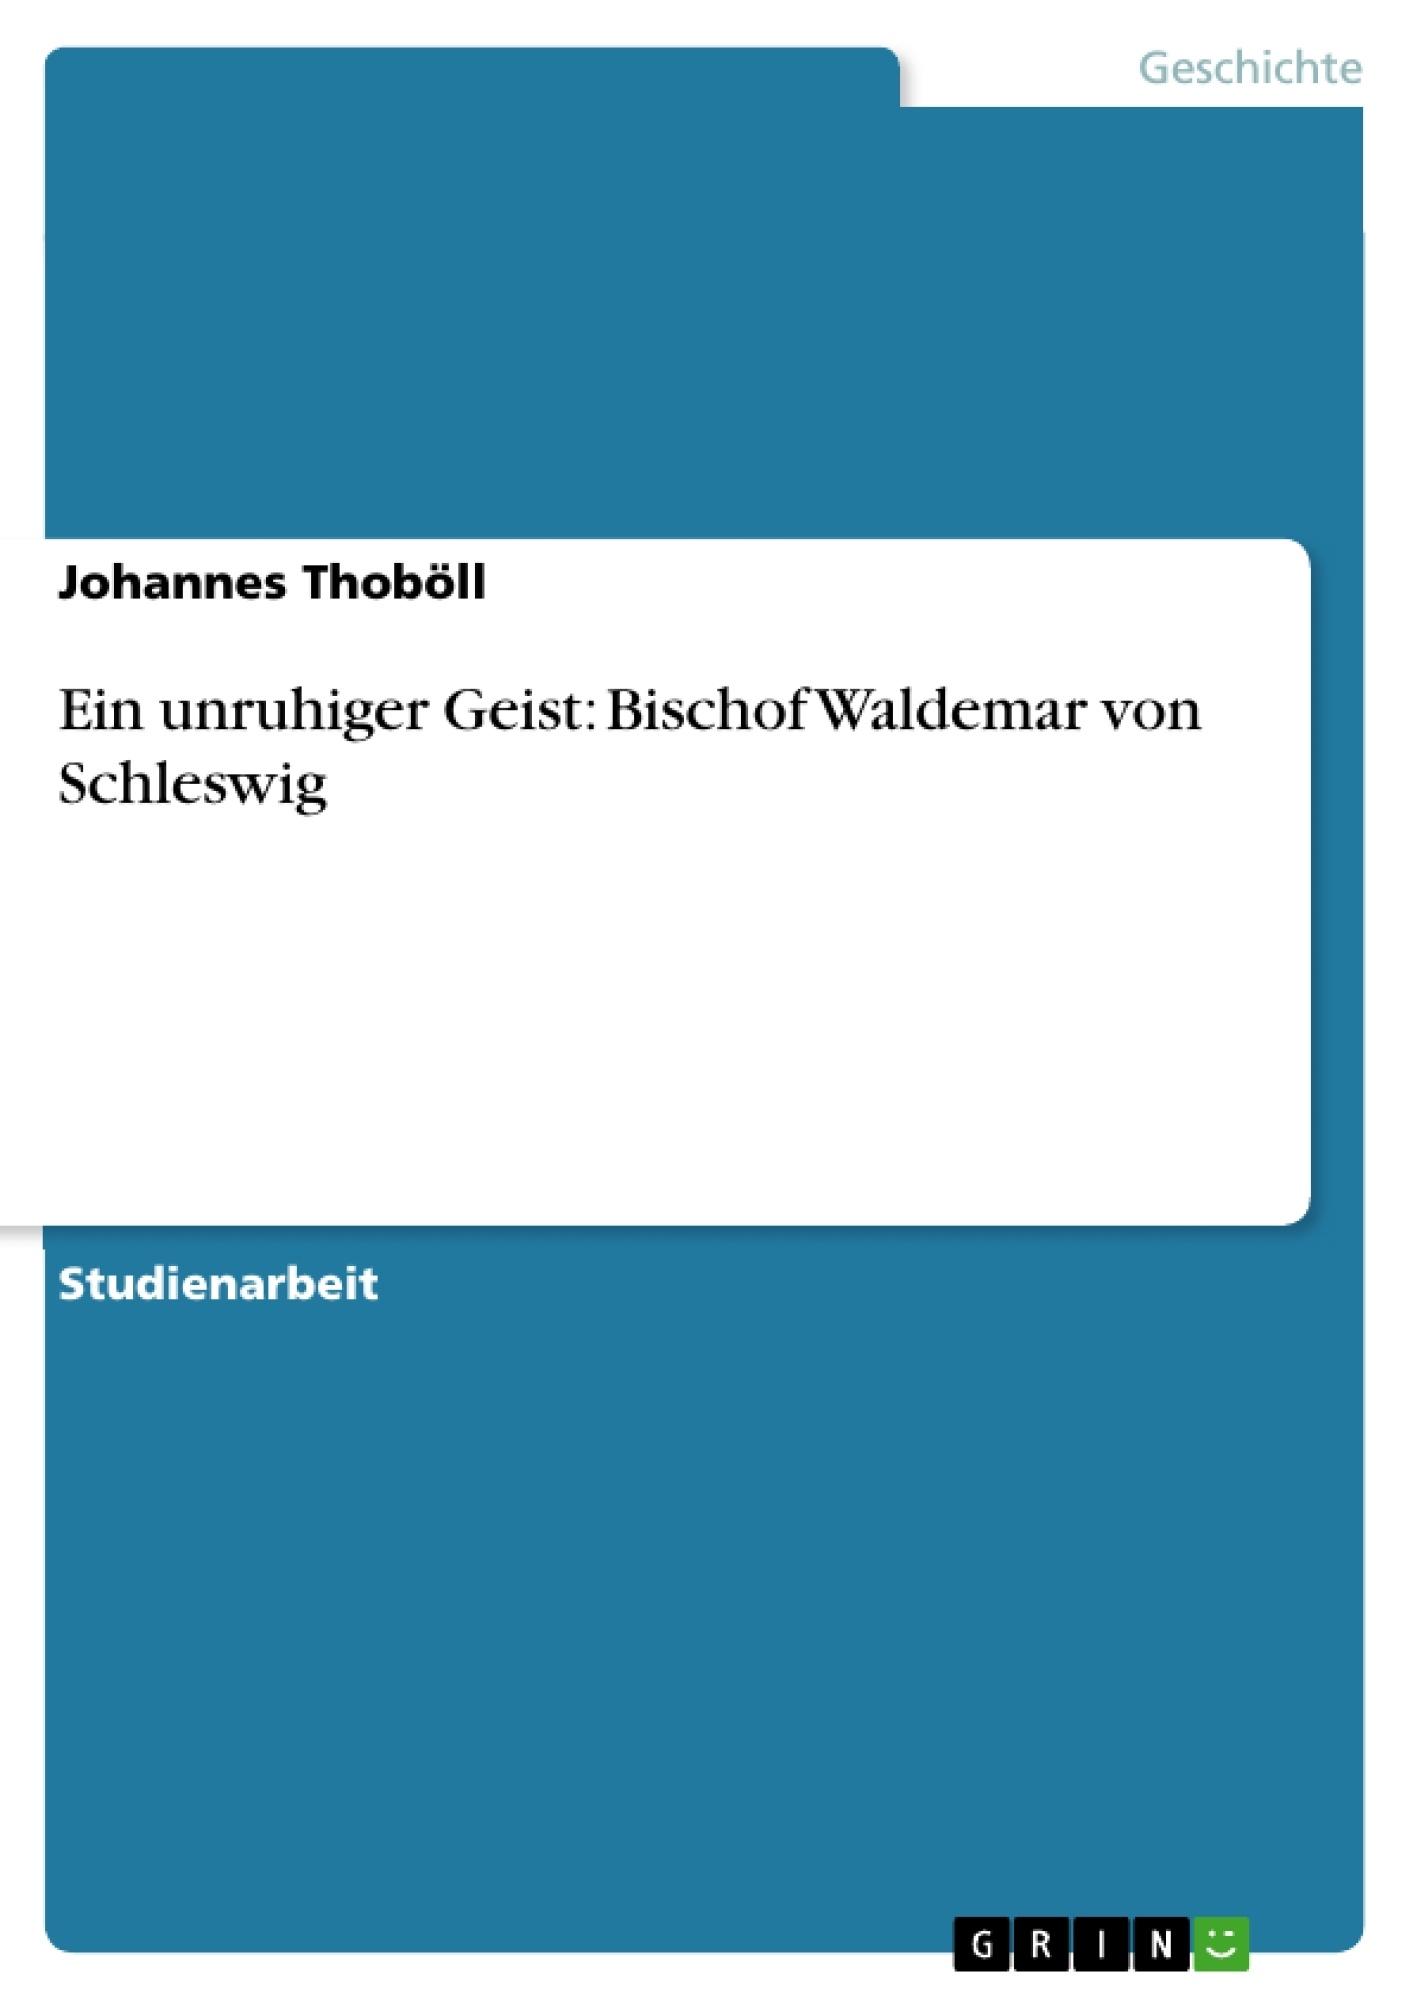 Titel: Ein unruhiger Geist: Bischof Waldemar von Schleswig